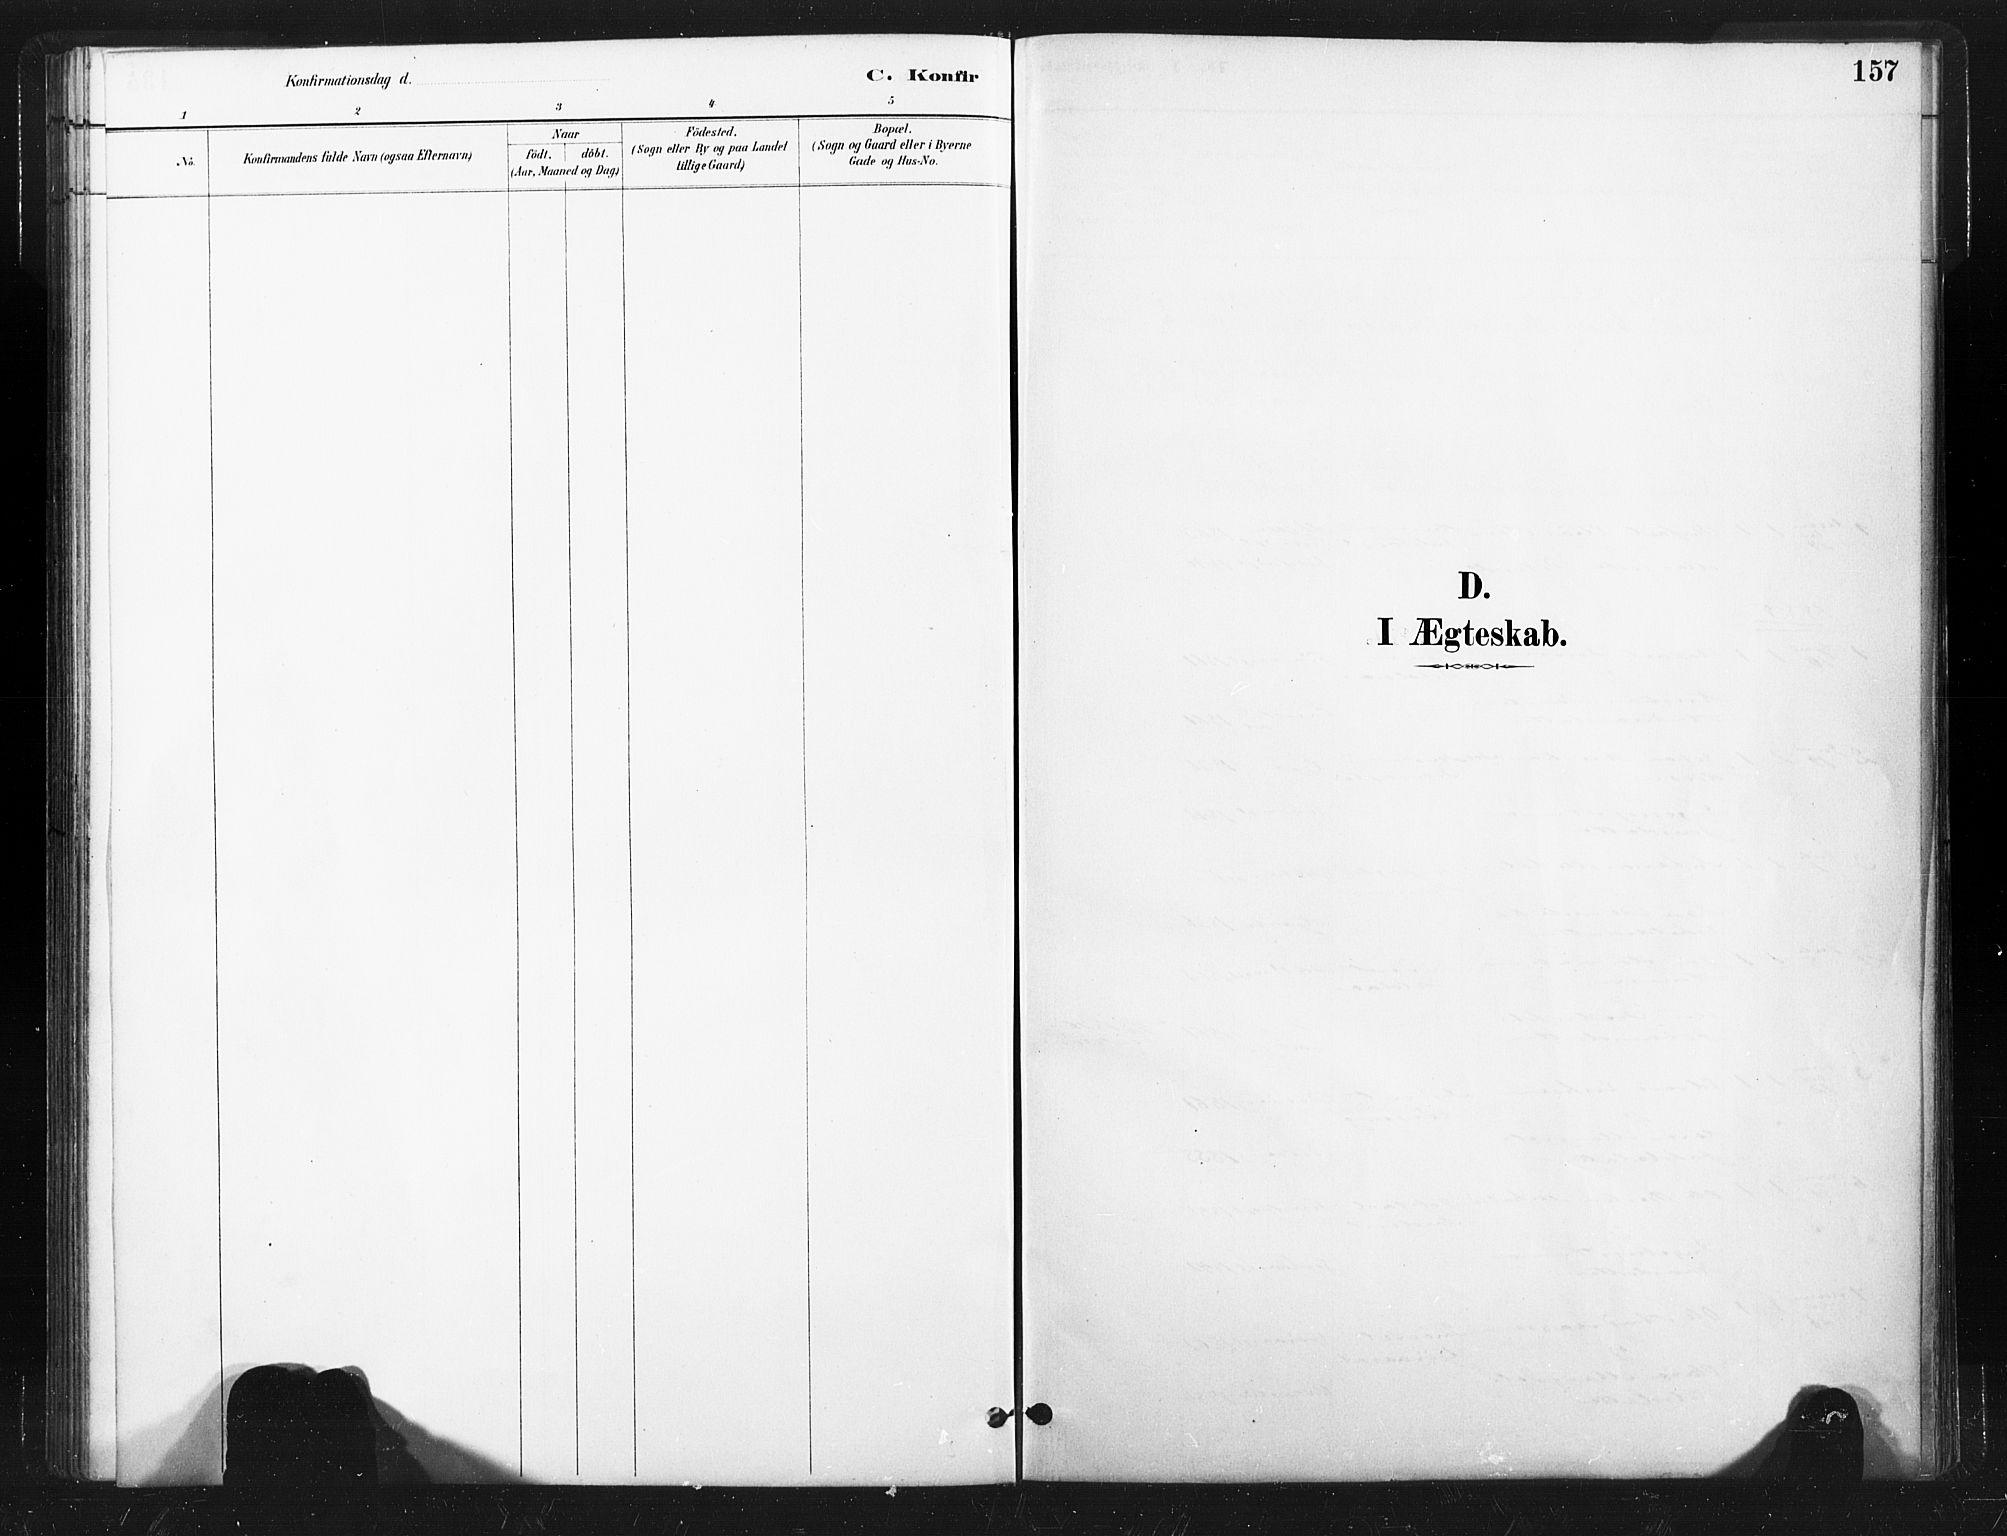 SAT, Ministerialprotokoller, klokkerbøker og fødselsregistre - Nord-Trøndelag, 736/L0361: Ministerialbok nr. 736A01, 1884-1906, s. 157